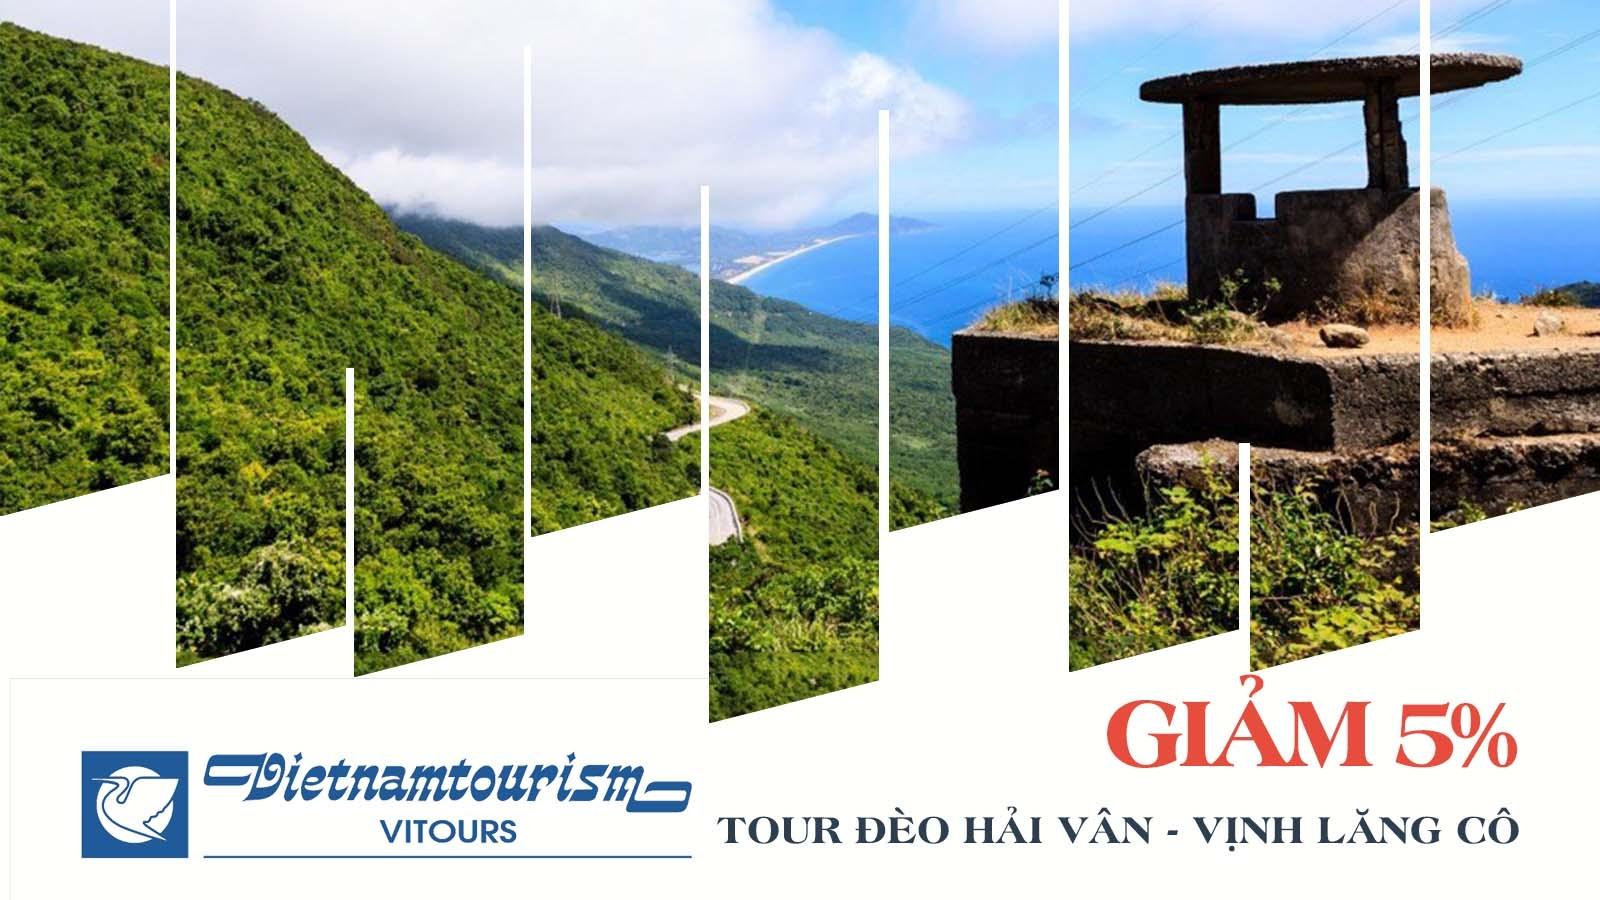 Vitours giảm 5% tour đèo Hải Vân - Vịnh Lăng Cô 1